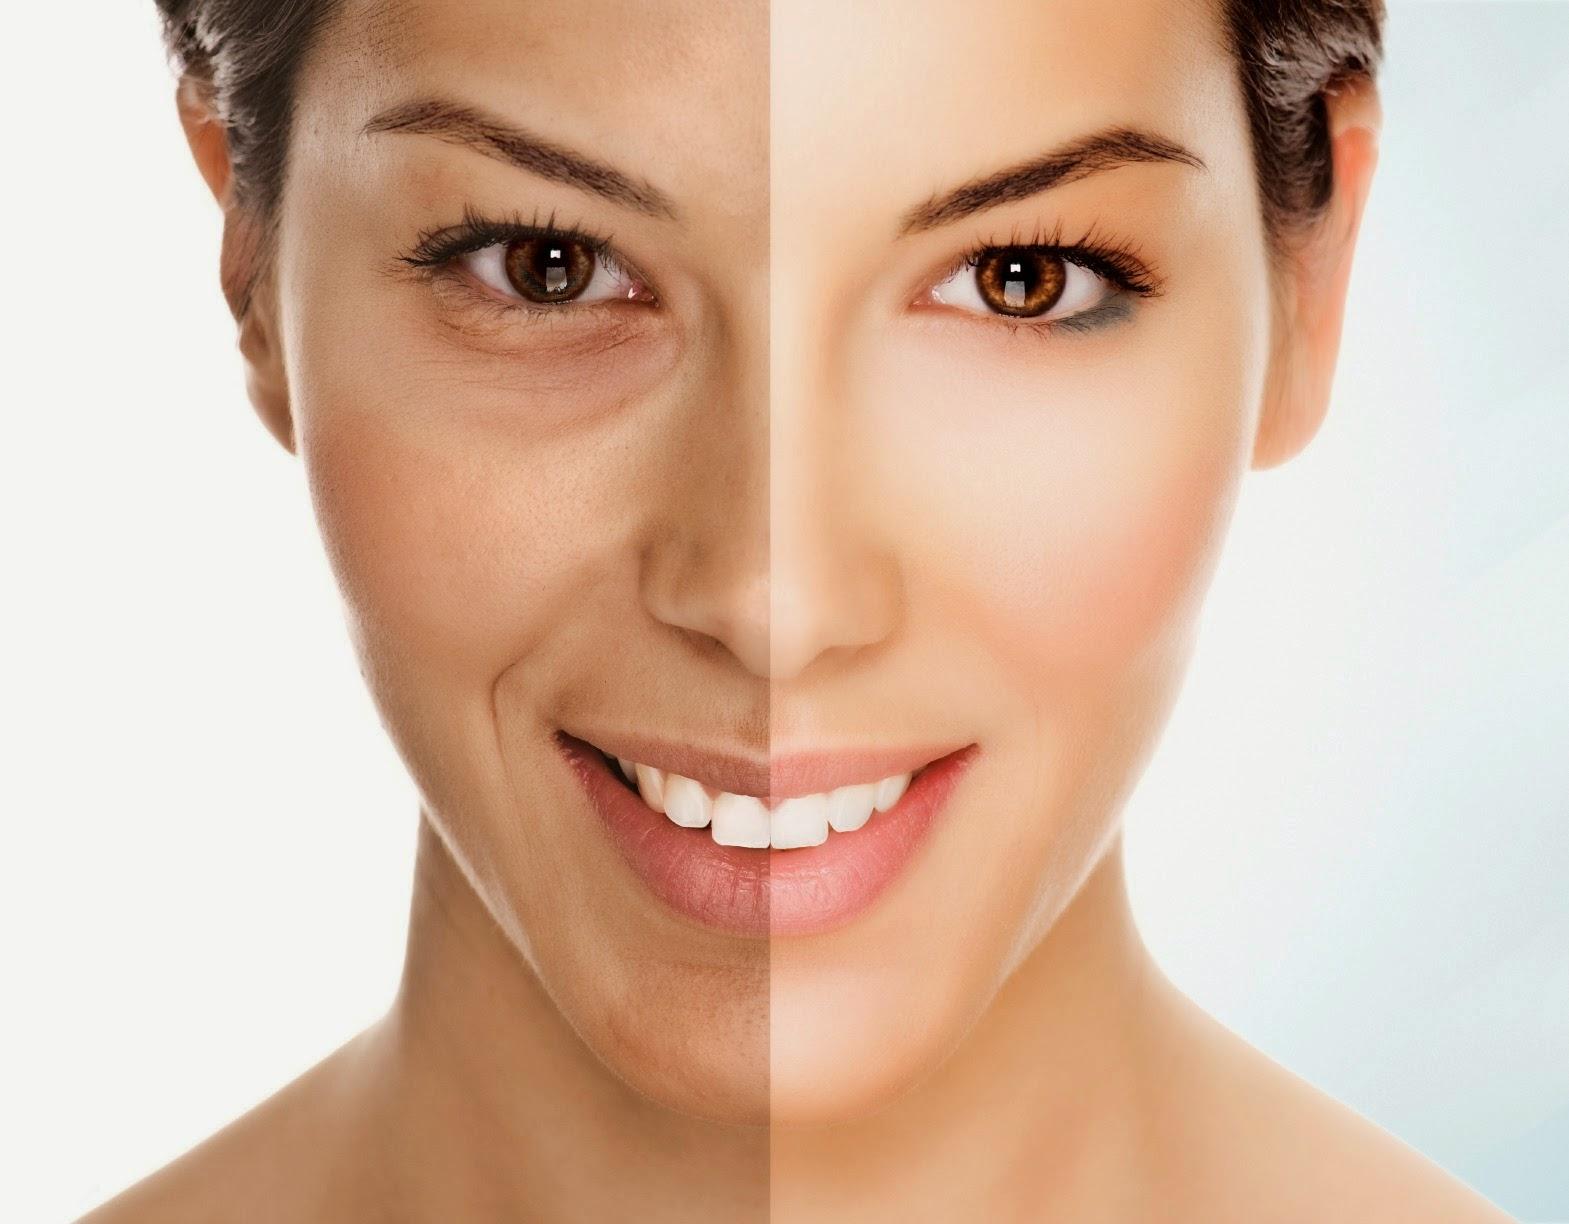 Làn da sau khi trẻ hóa bằng công nghệ Hifu sẽ có sự thay đổi rõ rệt, giúp bạn tìm lại sự tự tin, vẻ quyến rũ nữ tính